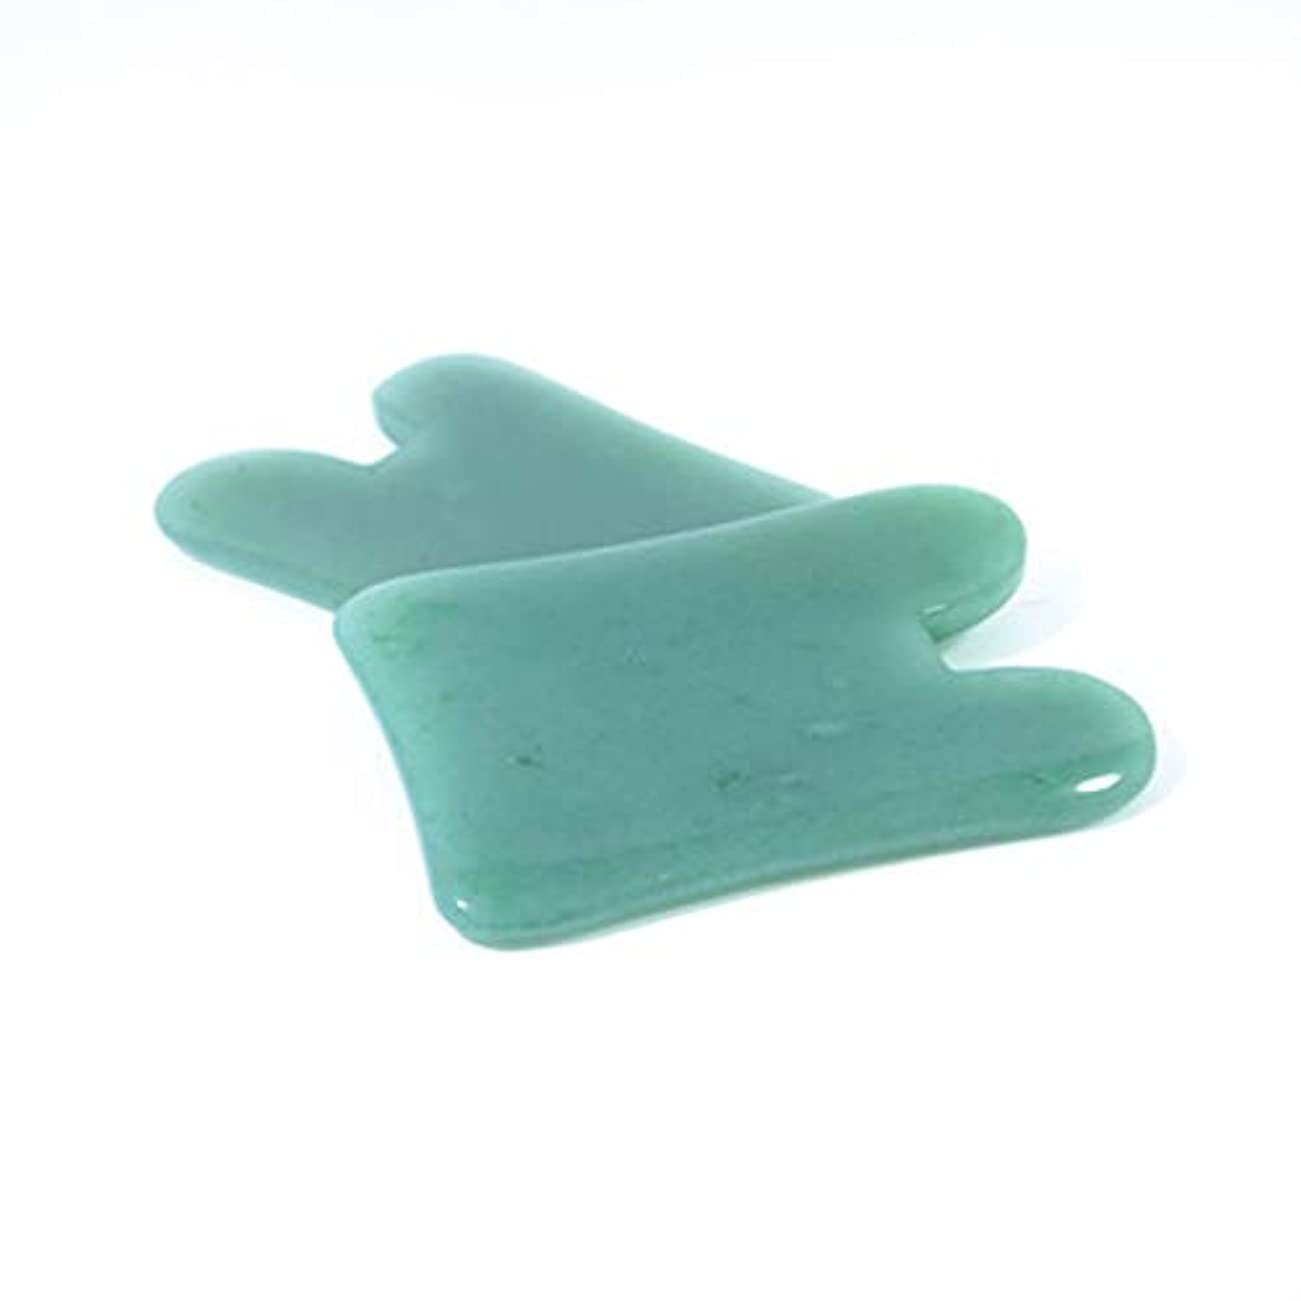 橋脚海港世論調査Natural Portable Size Gua Sha Facial Treatment Massage Tool Chinese Natural Jade Scraping Tools Massage Healing...